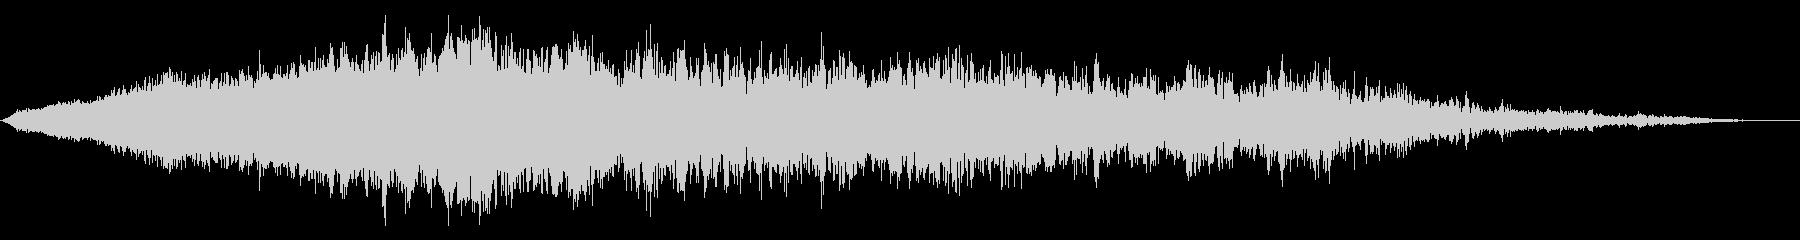 エイリアンコード1サステインモジュ...の未再生の波形